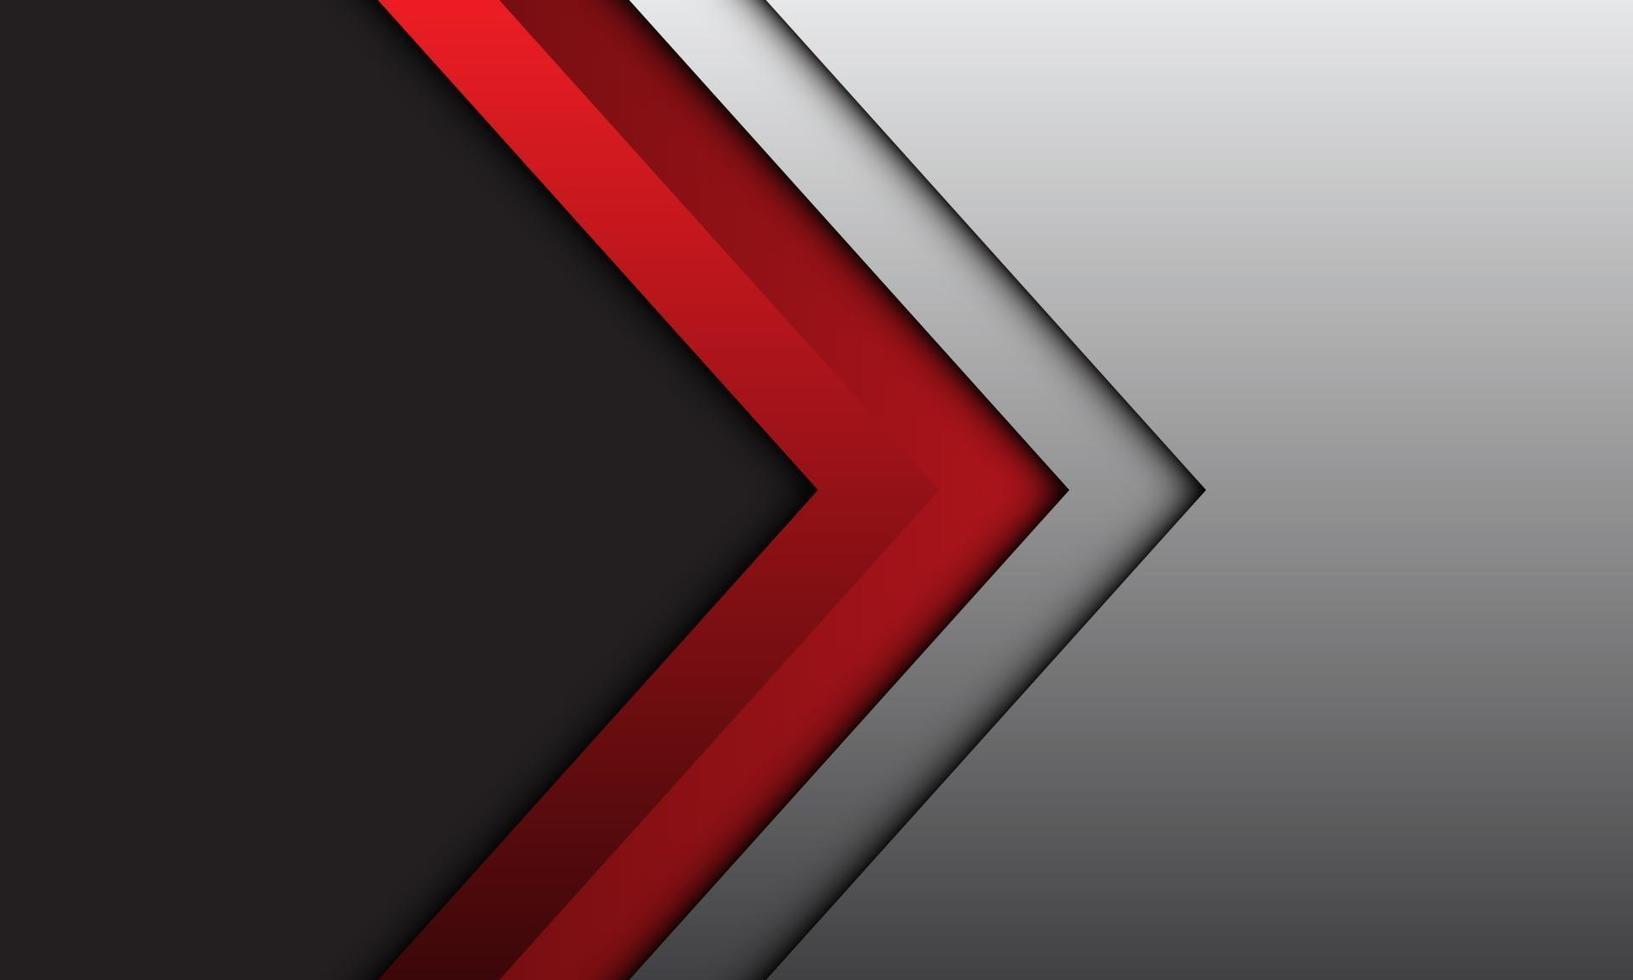 abstrakt röd pil riktning silver linje skugga med mörkgrå tomt utrymme design modern futuristisk bakgrund vektorillustration. vektor